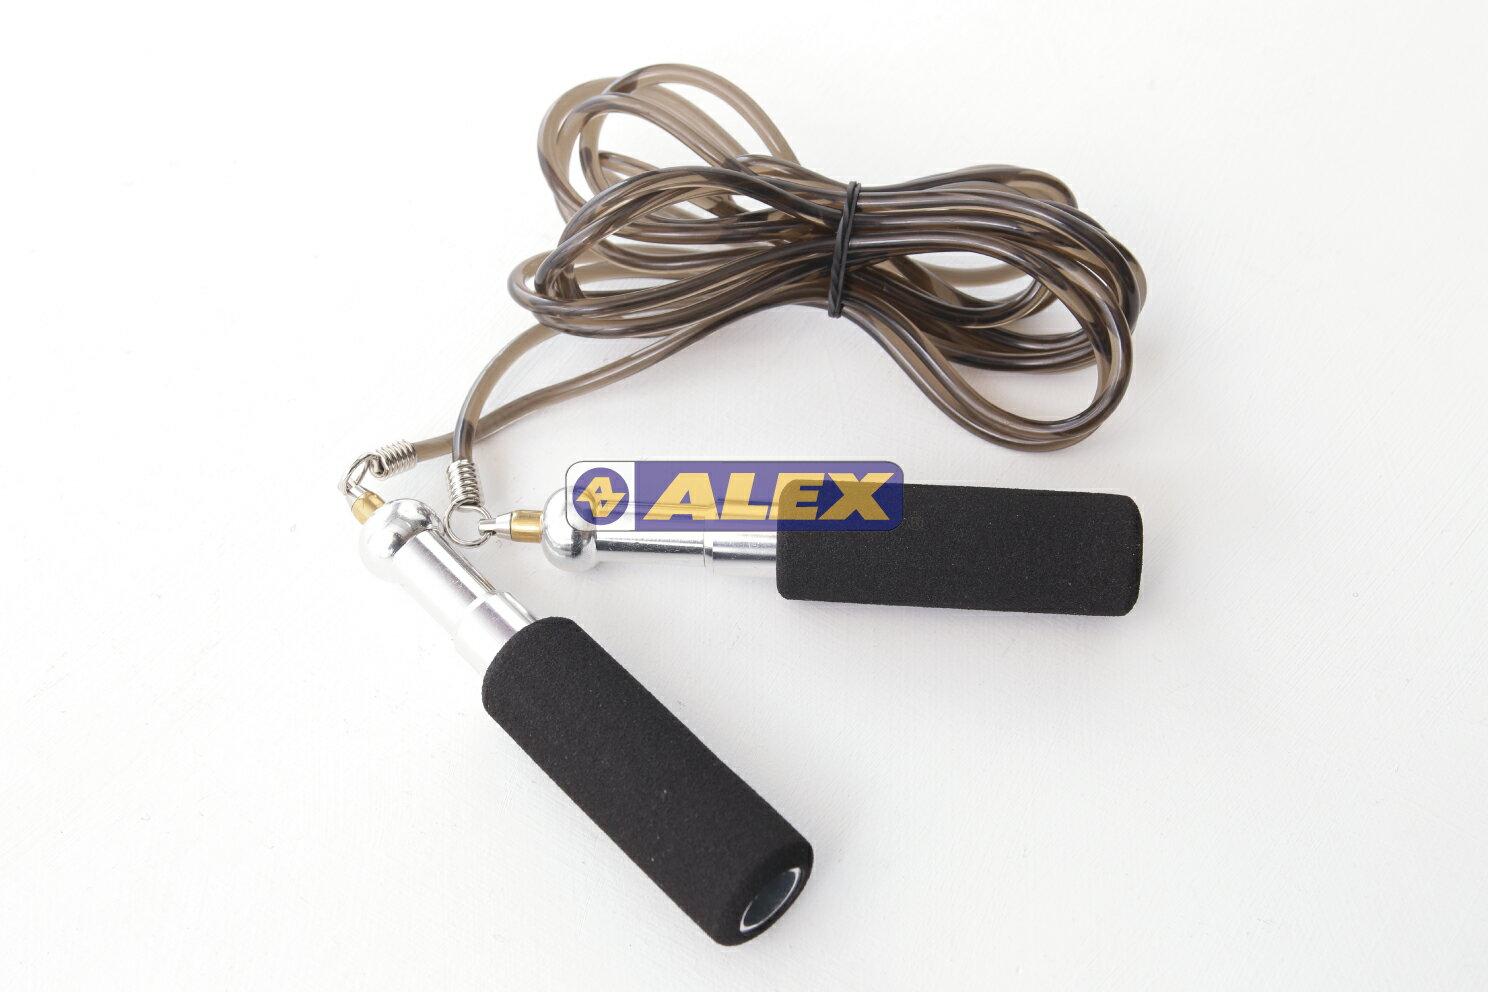 騎跑泳者-ALEX 高轉速跳繩(274CM) 鋁合金、PVC、EVA發泡,繩長274CM(不含握把)